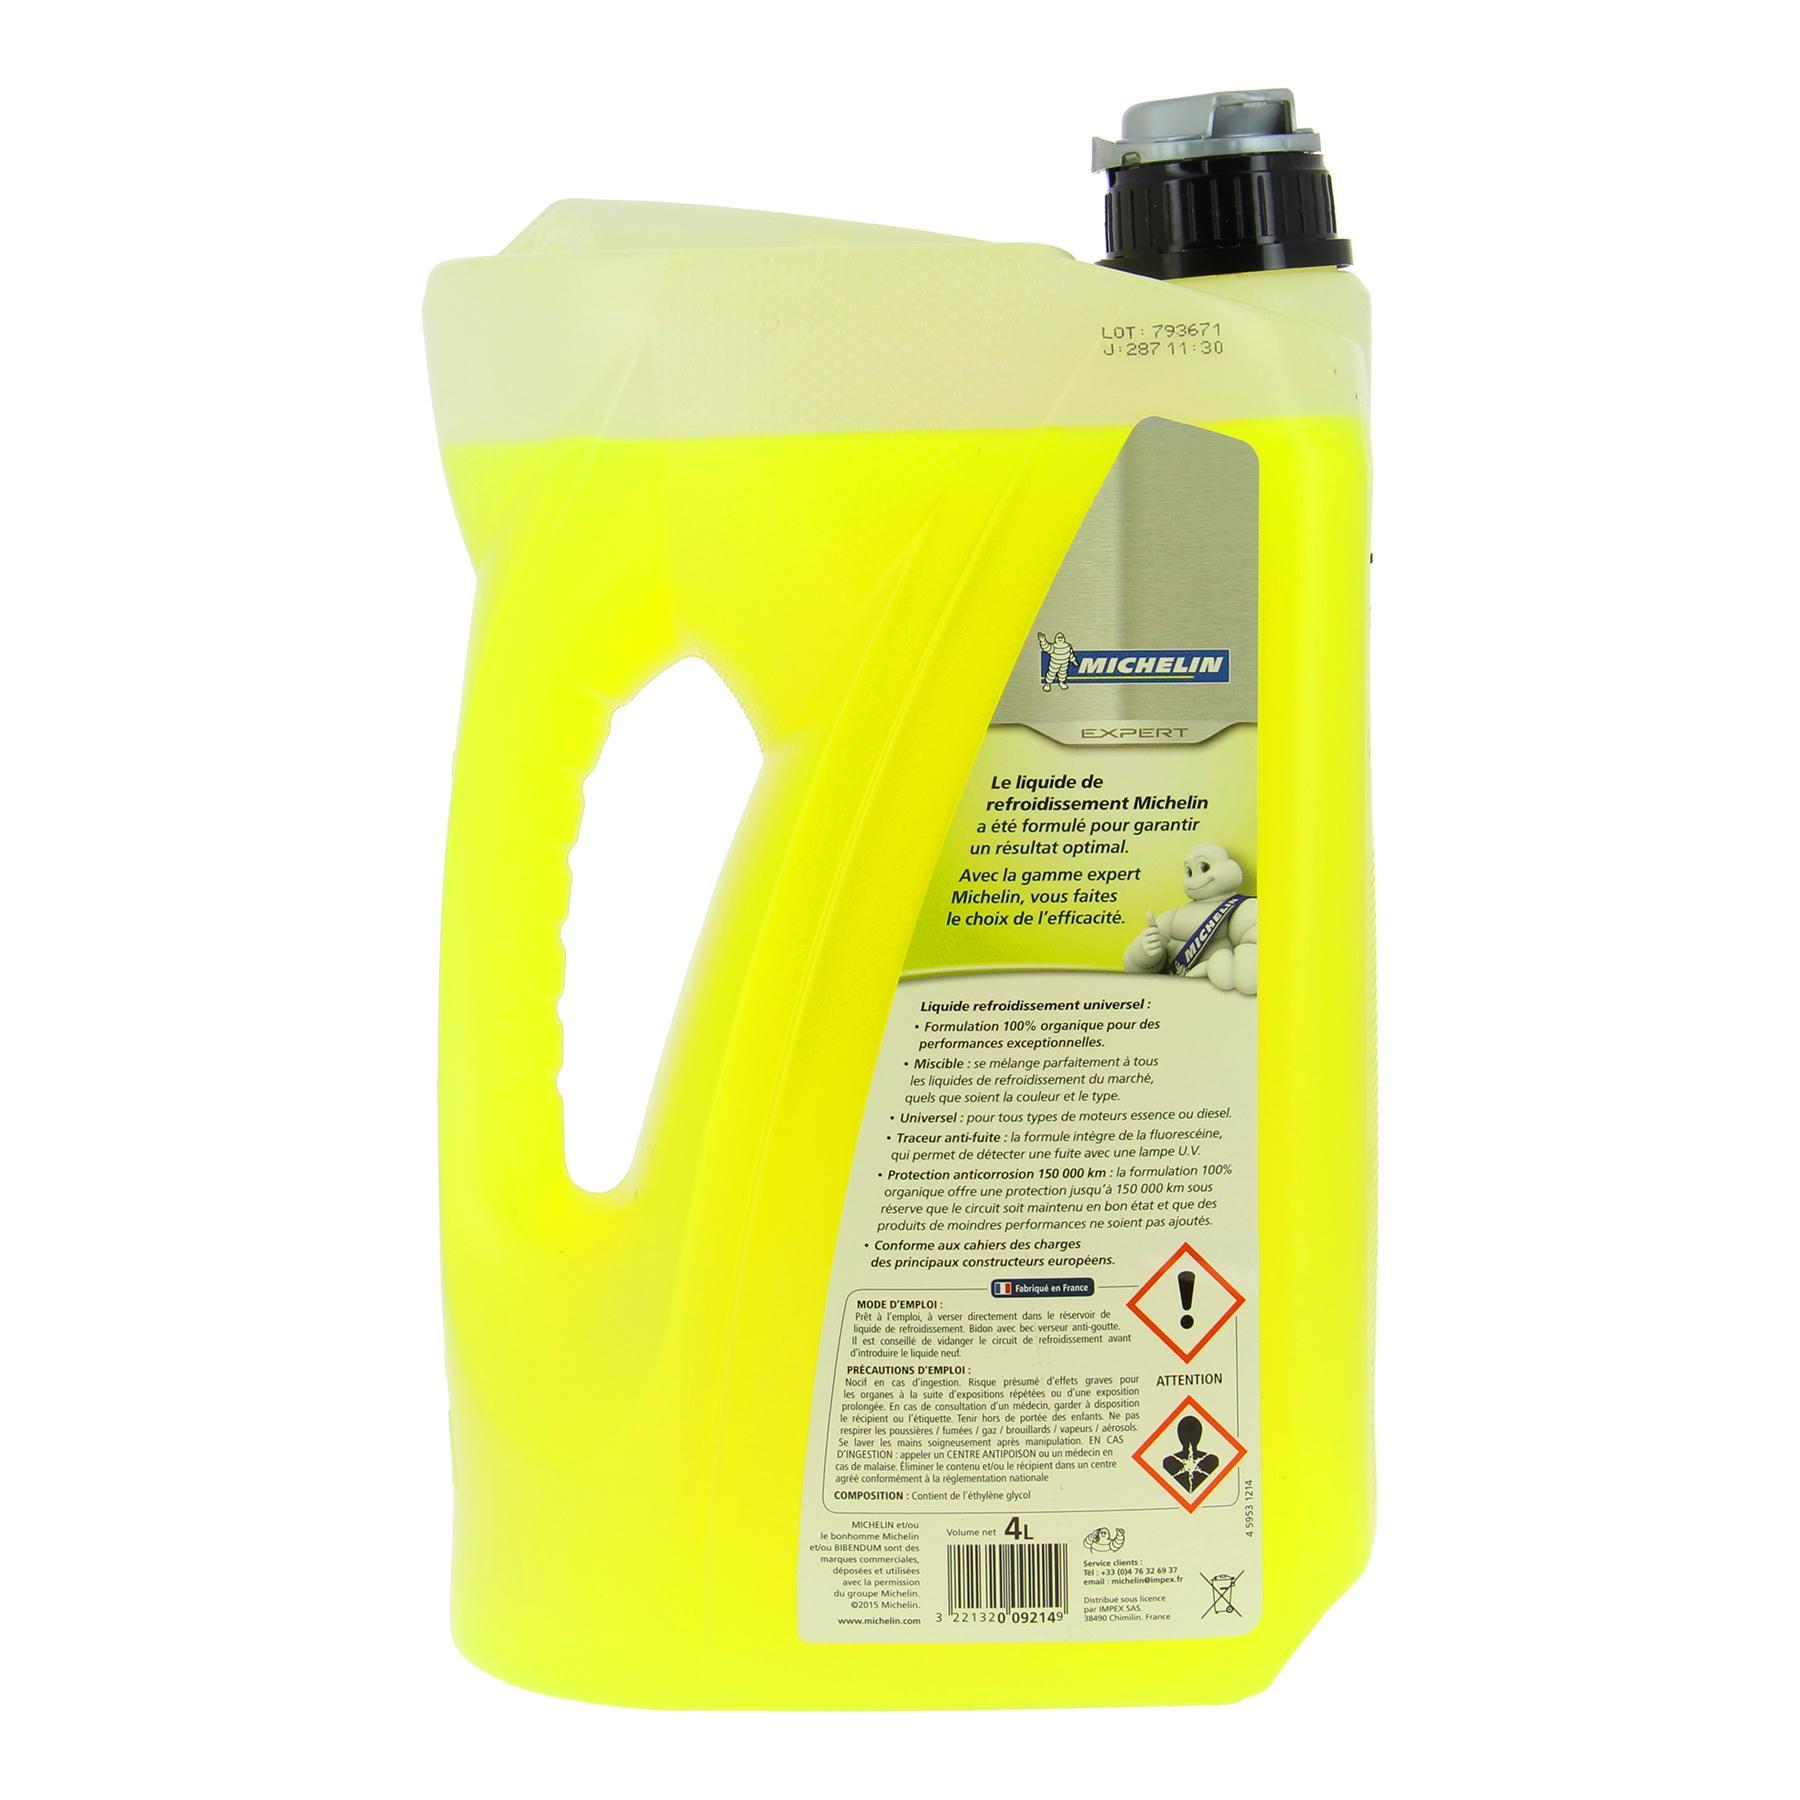 009214 Kühlflüssigkeit Michelin 009214 - Große Auswahl - stark reduziert